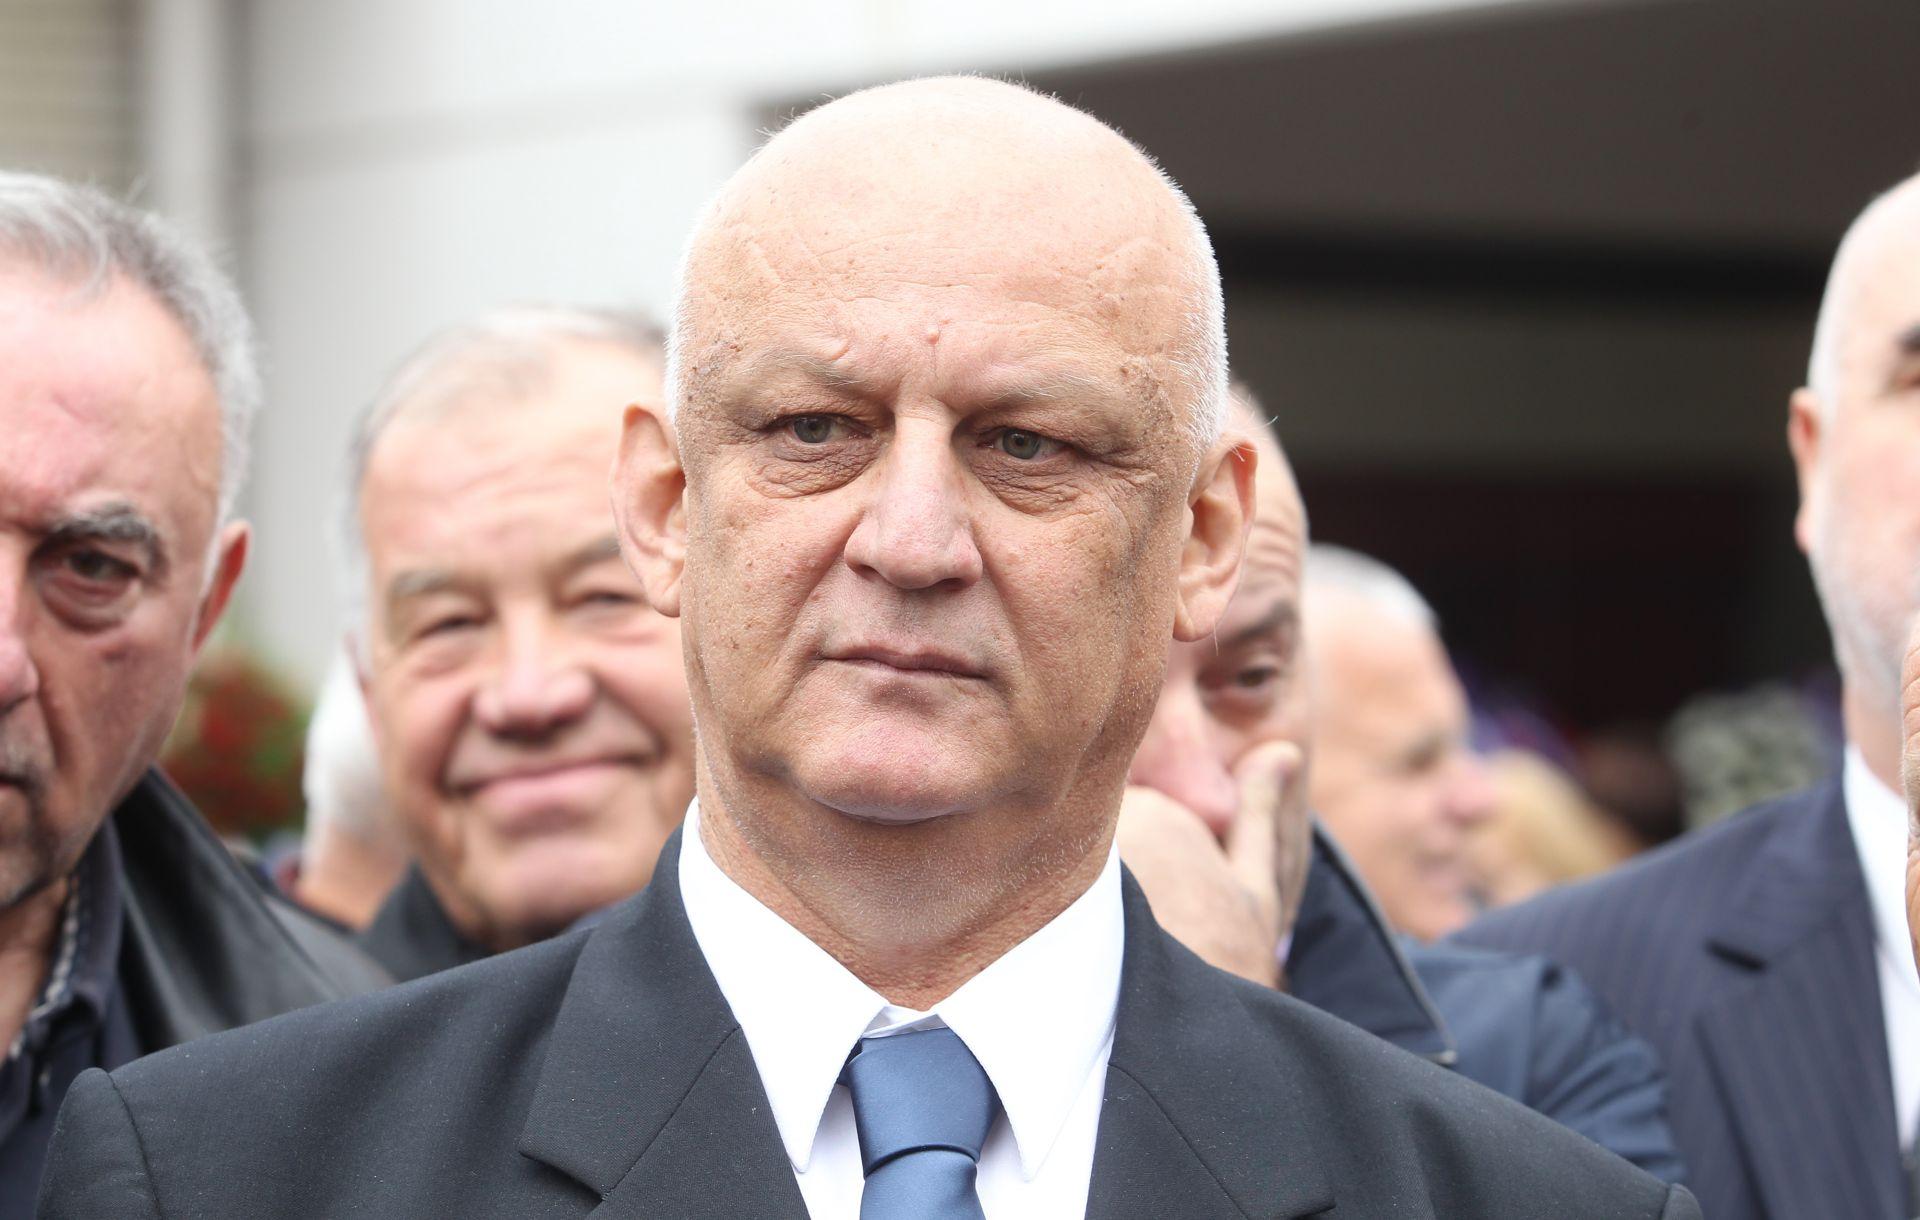 """Rojsova zadruga izgubila spor s državom """"težak"""" 67,4 milijuna kuna"""